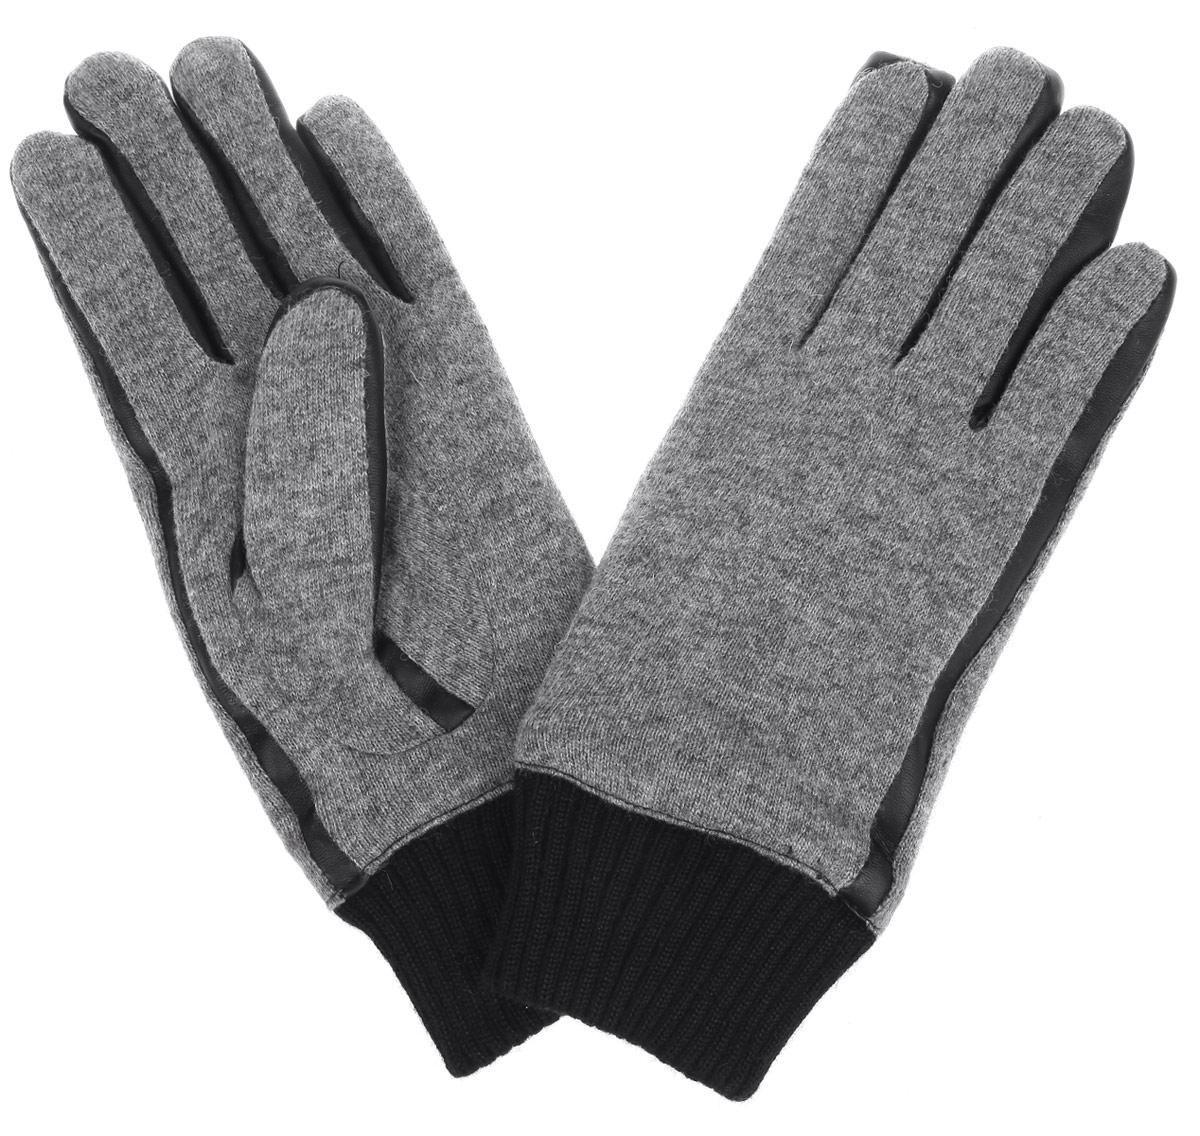 Перчатки мужские. 0219595.00.120219595.00.12Элегантные вязаные мужские перчатки Tom Tailor Denim станут великолепным дополнением вашего образа и защитят ваши руки от холода и ветра во время прогулок. Перчатки выполнены из шерсти с добавлением полиамида и вставками из полиуретана, и имеют подкладку из полиэстера, что позволяет им надежно сохранять тепло. Модель дополнена трикотажной резинкой на запястье. Такие перчатки будут оригинальным завершающим штрихом в создании современного модного образа, они подчеркнут ваш изысканный вкус и станут незаменимым и практичным аксессуаром.